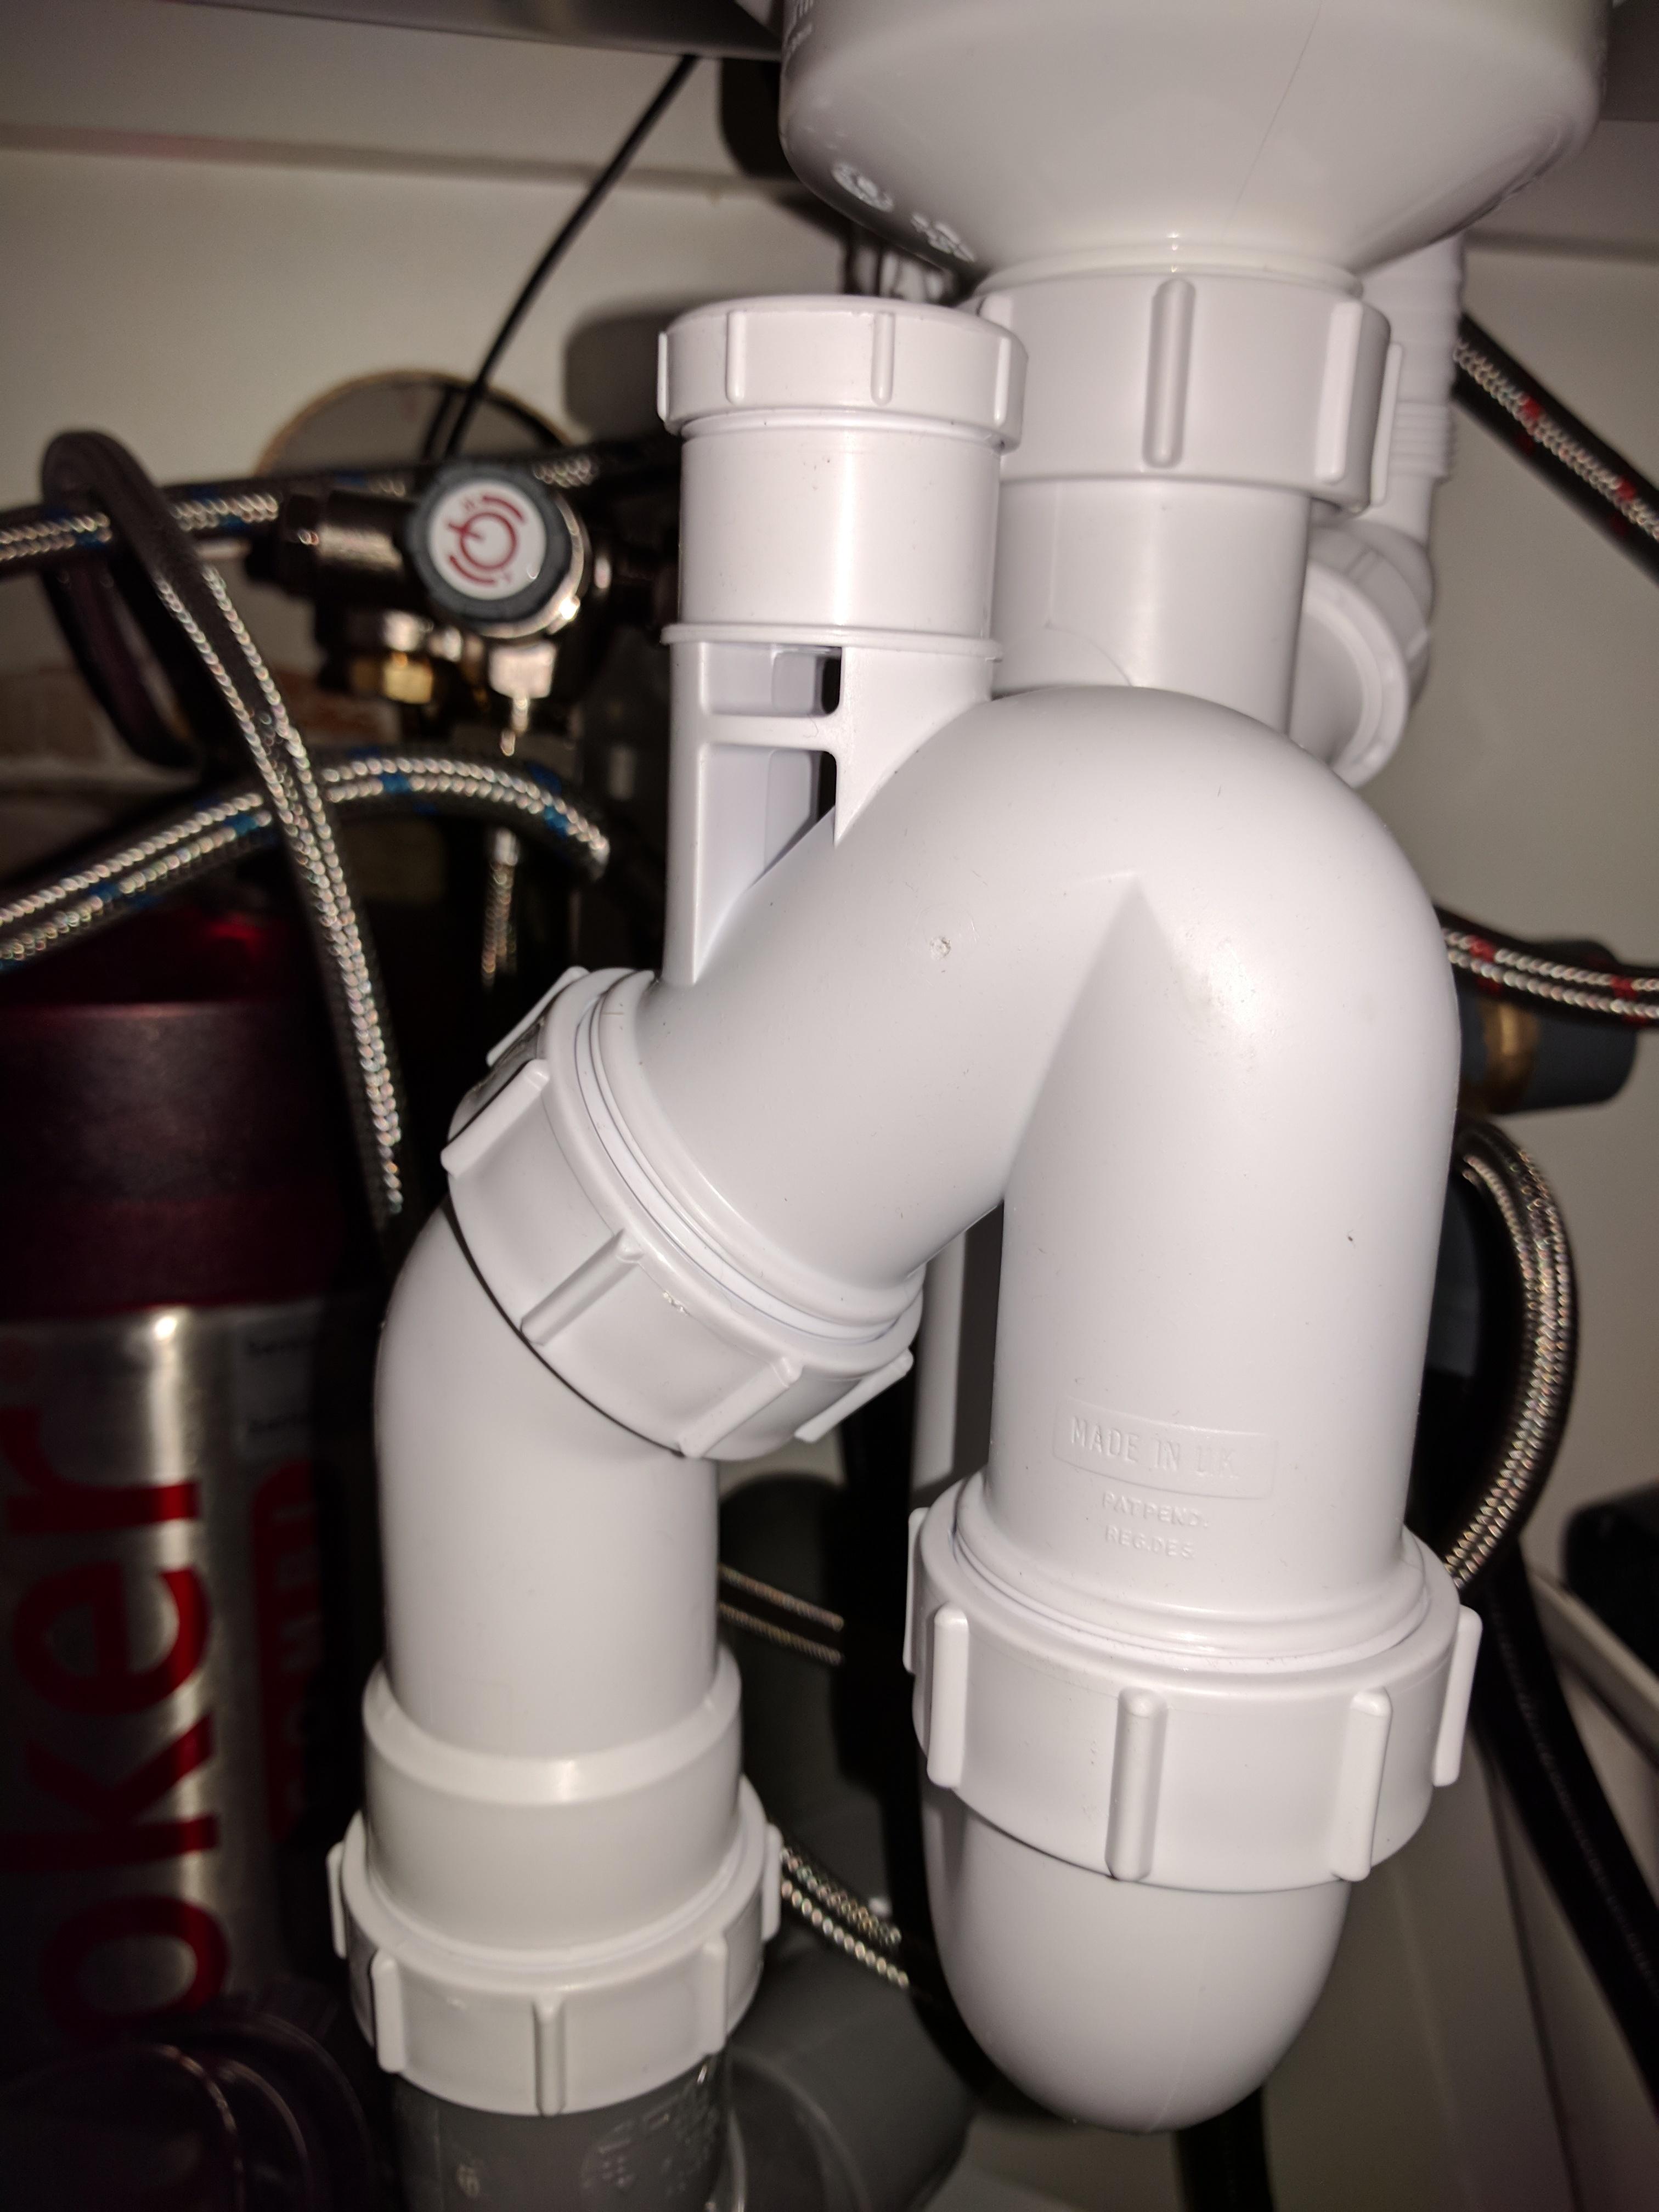 Vaak douche afvoer borrelt bij afpompen wasmachine - Wonen & Verbouwen HW53